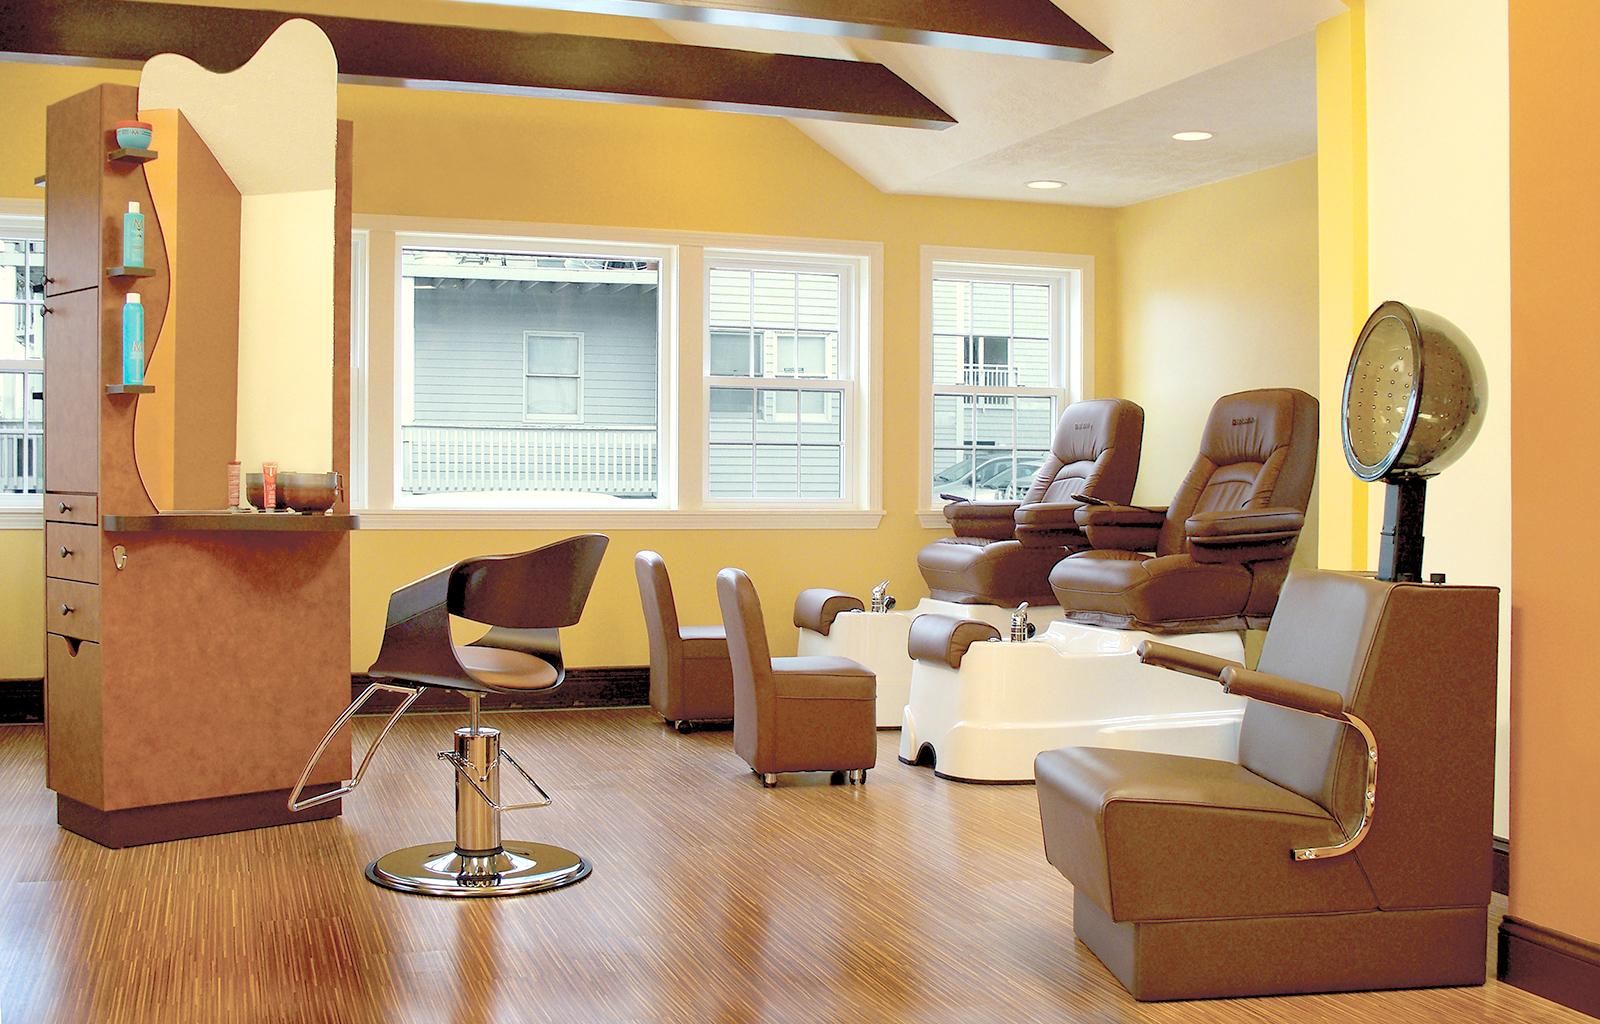 tarra-dean-studio-interior-full.jpg